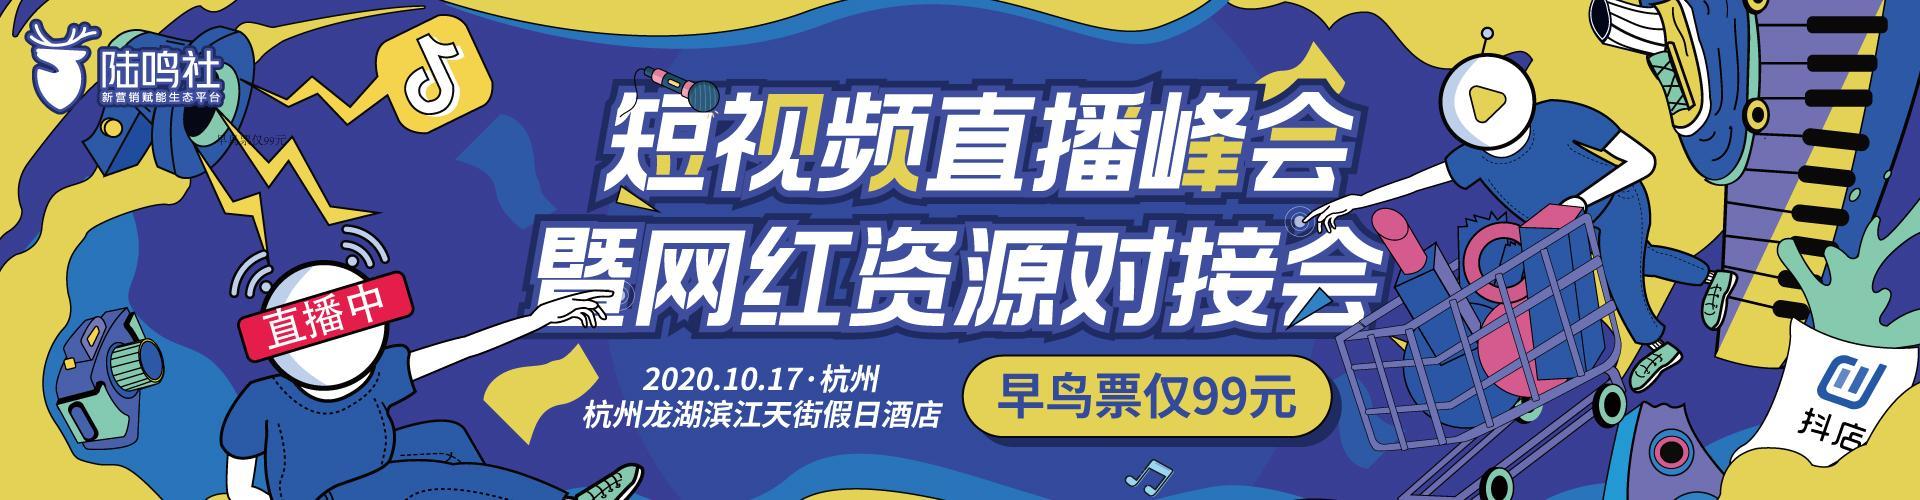 10.17杭州短视频直播峰会暨网红资源对接会